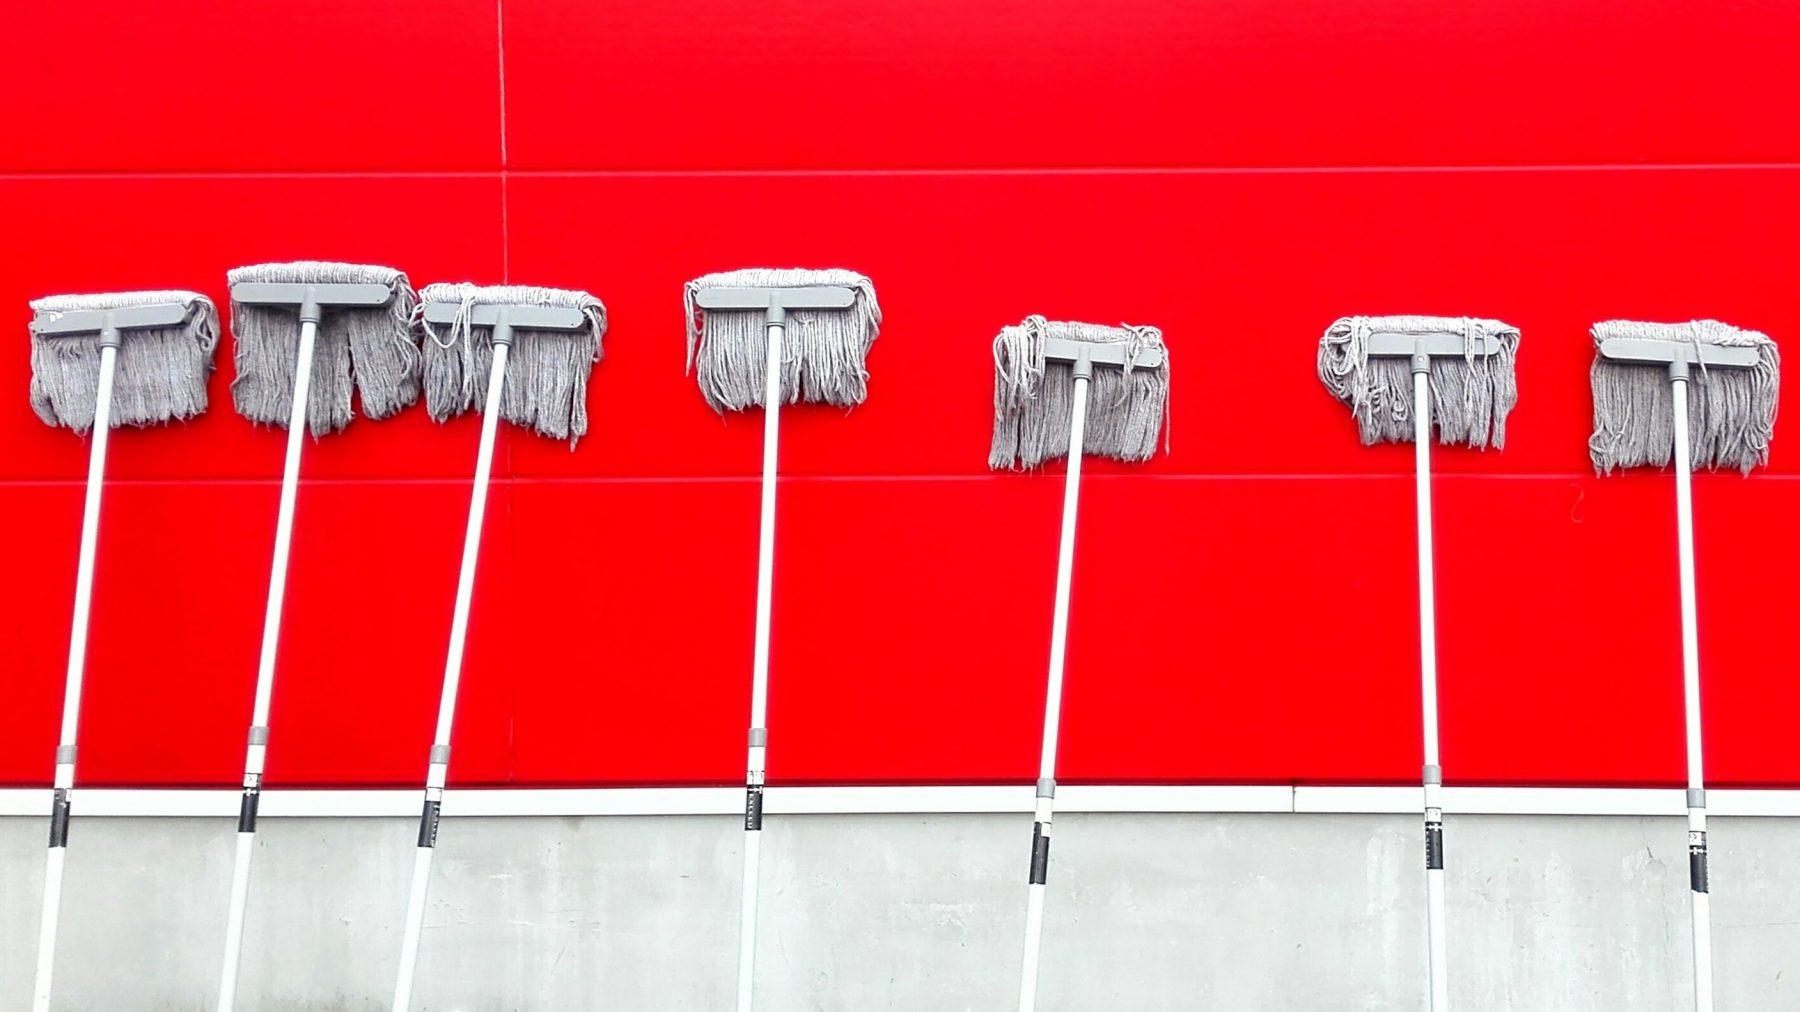 5 x hoekjes die je makkelijk vergeet, maar écht niet wilt missen tijdens de schoonmaak